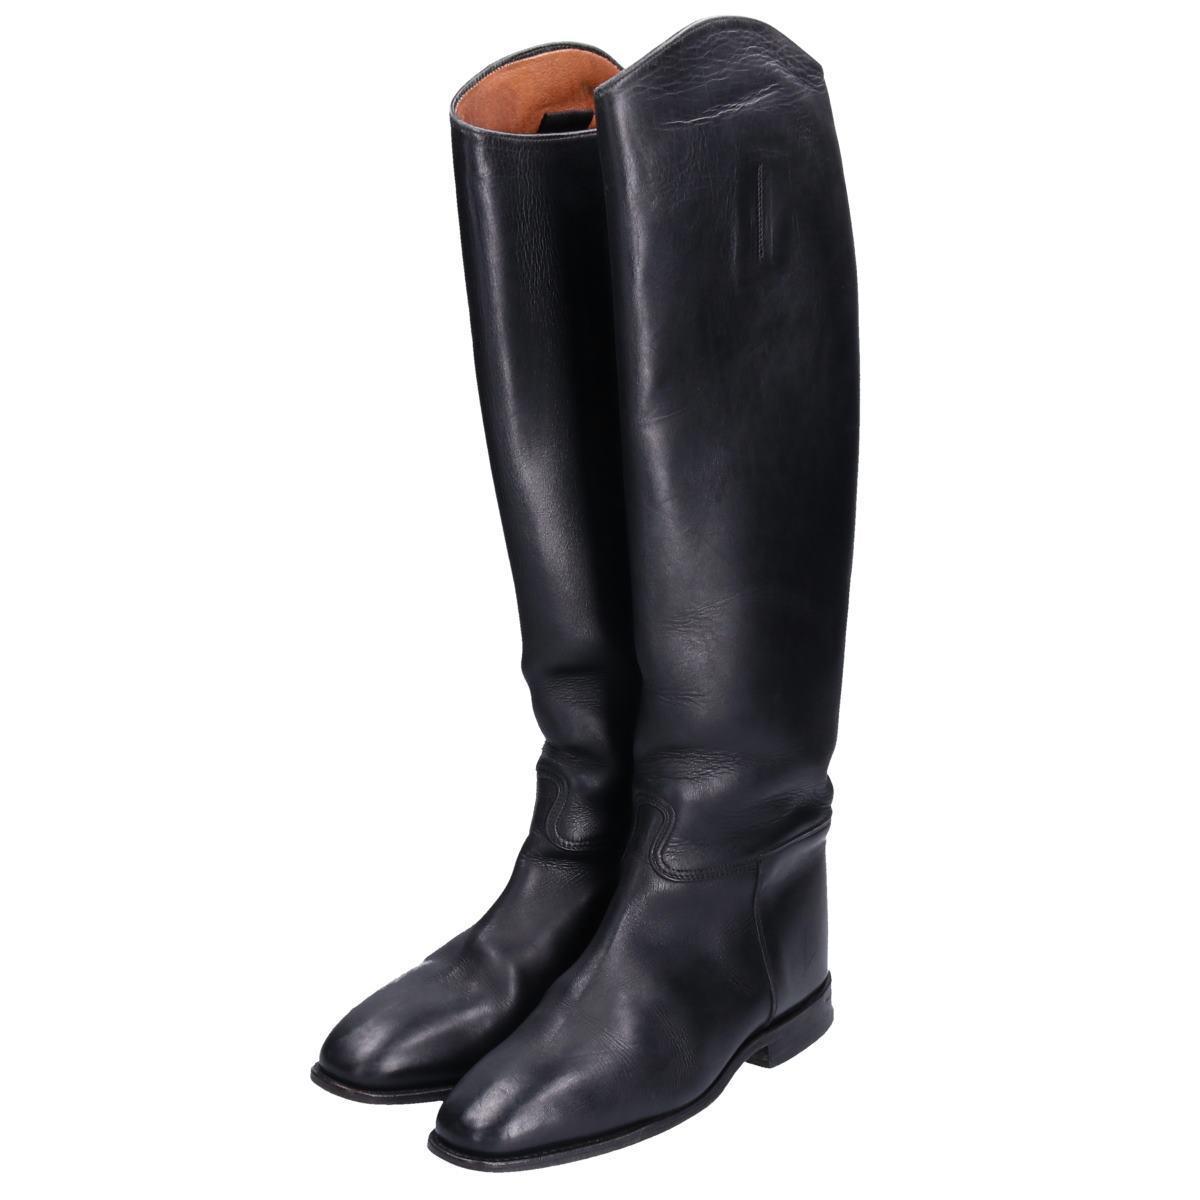 ケーニッヒ Konigs ジョッキー乗馬ブーツ 8 メンズ27.0cm /bop6574 【中古】 【190922】